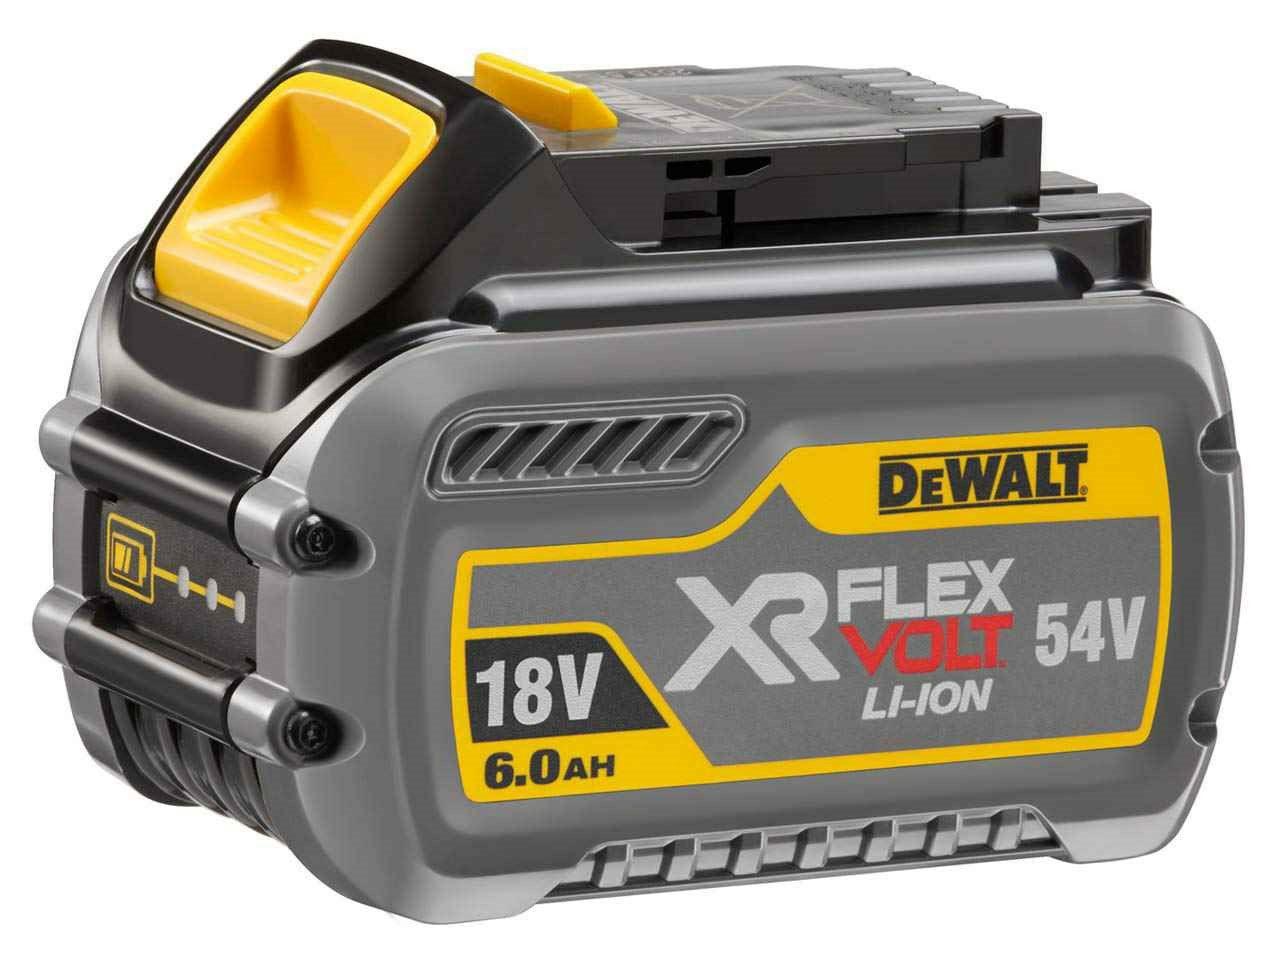 DeWalt DCB546 18v/54v XR 6.0Ah Li-ion FlexVolt Battery Pack (Free delivery) - £79 @ FFX